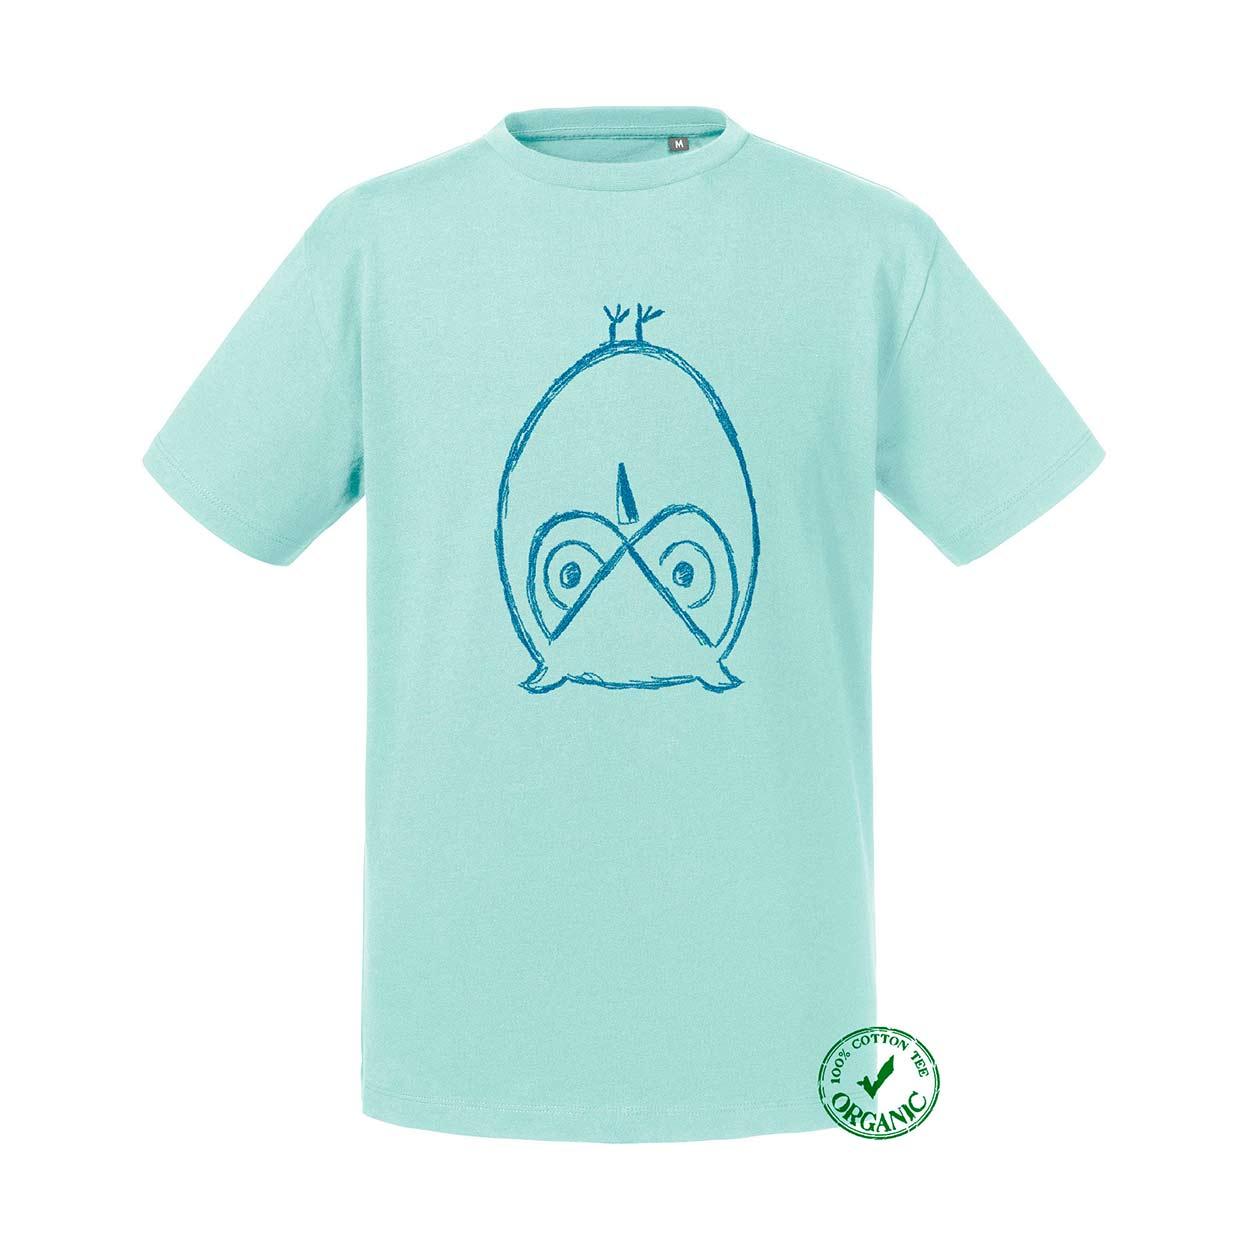 T-shirt Criança Mocho